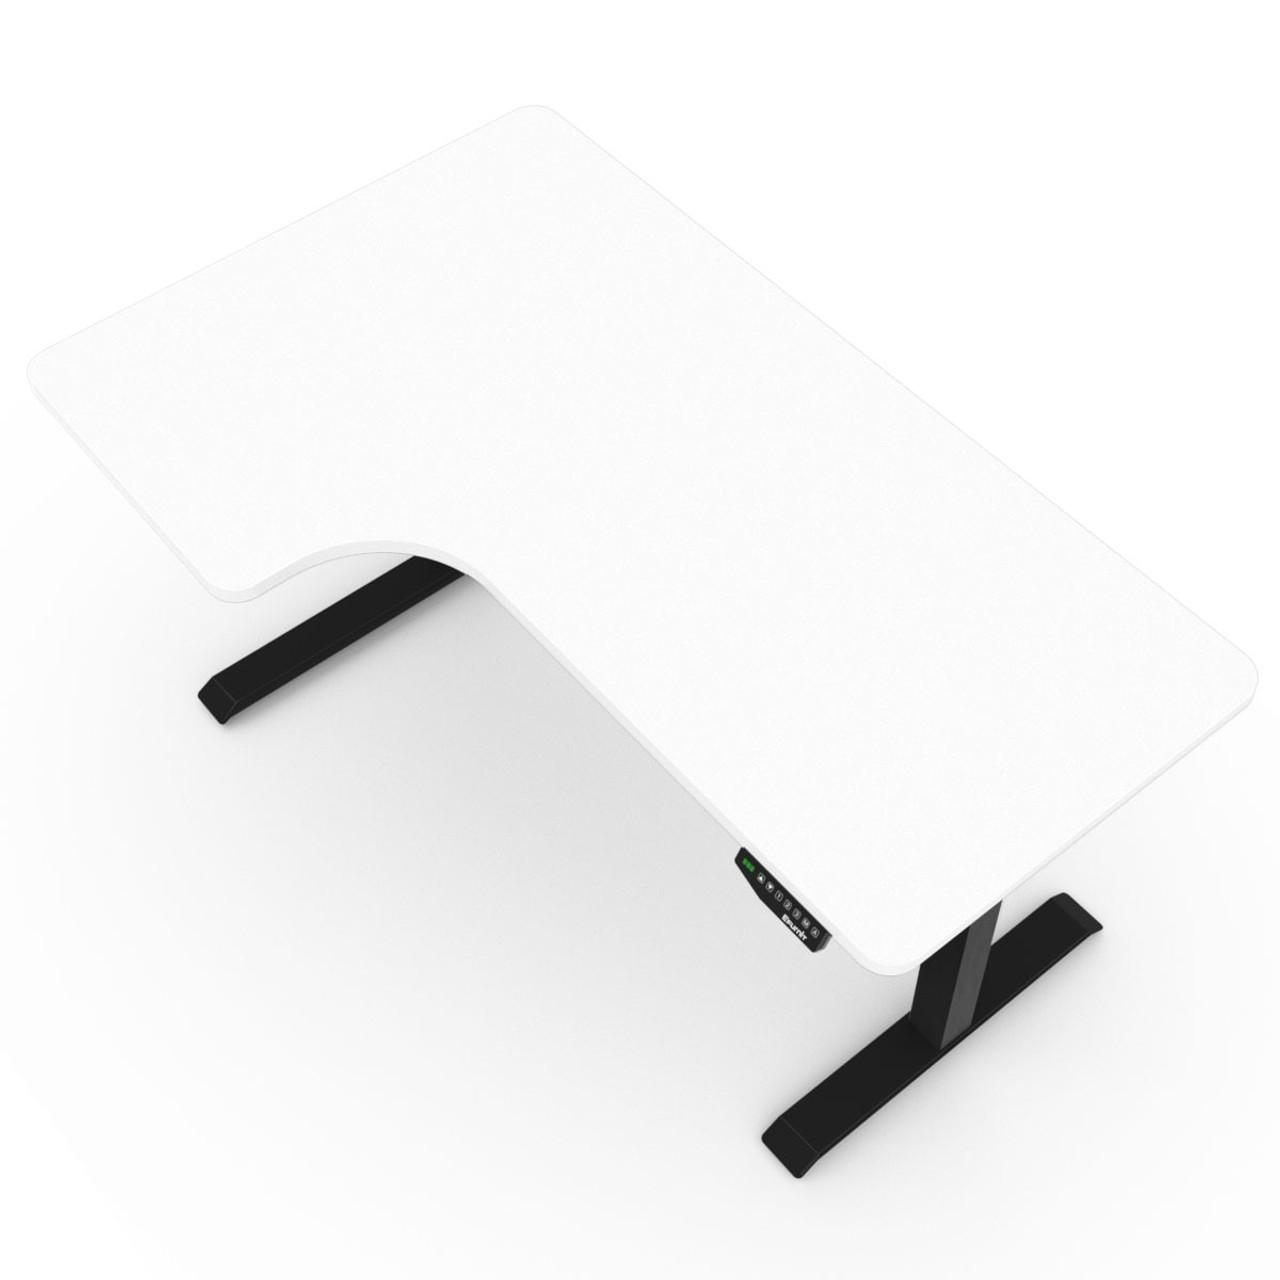 EFurnit Alpine Corner Standing Desk Frame, Dual motor